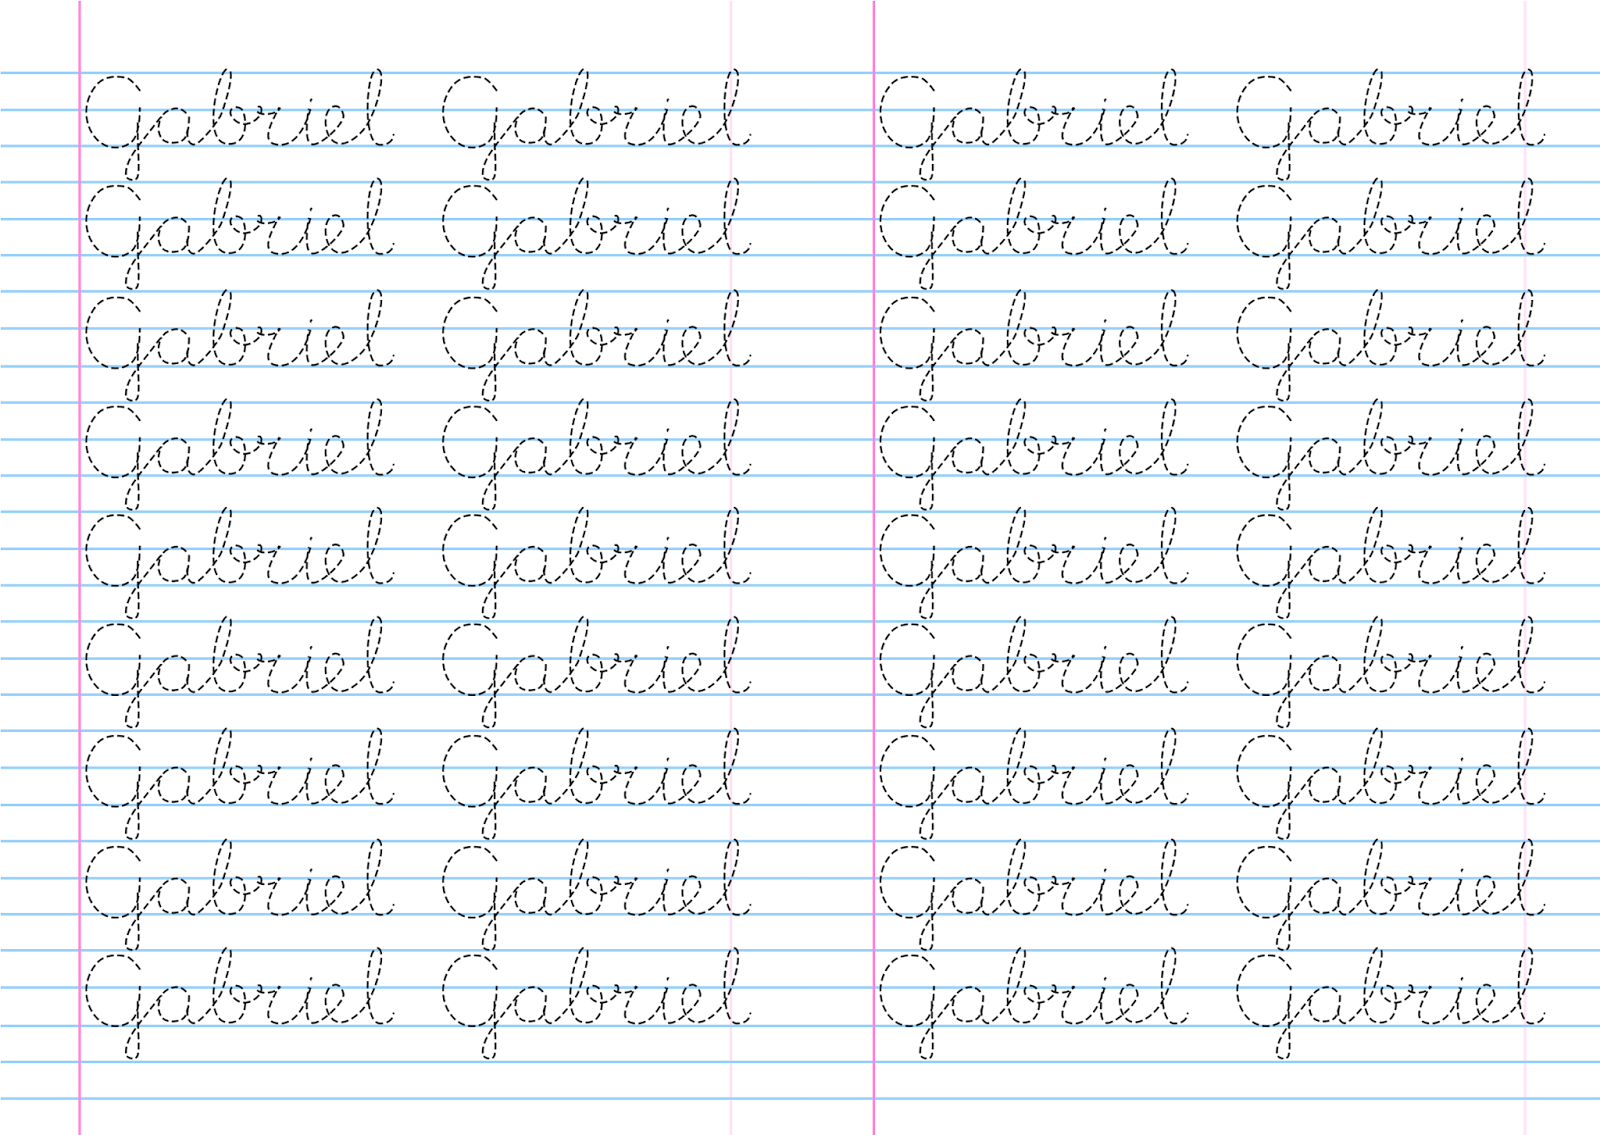 Atividade nome pontilhado para cobrir Gabriel + arquivo word